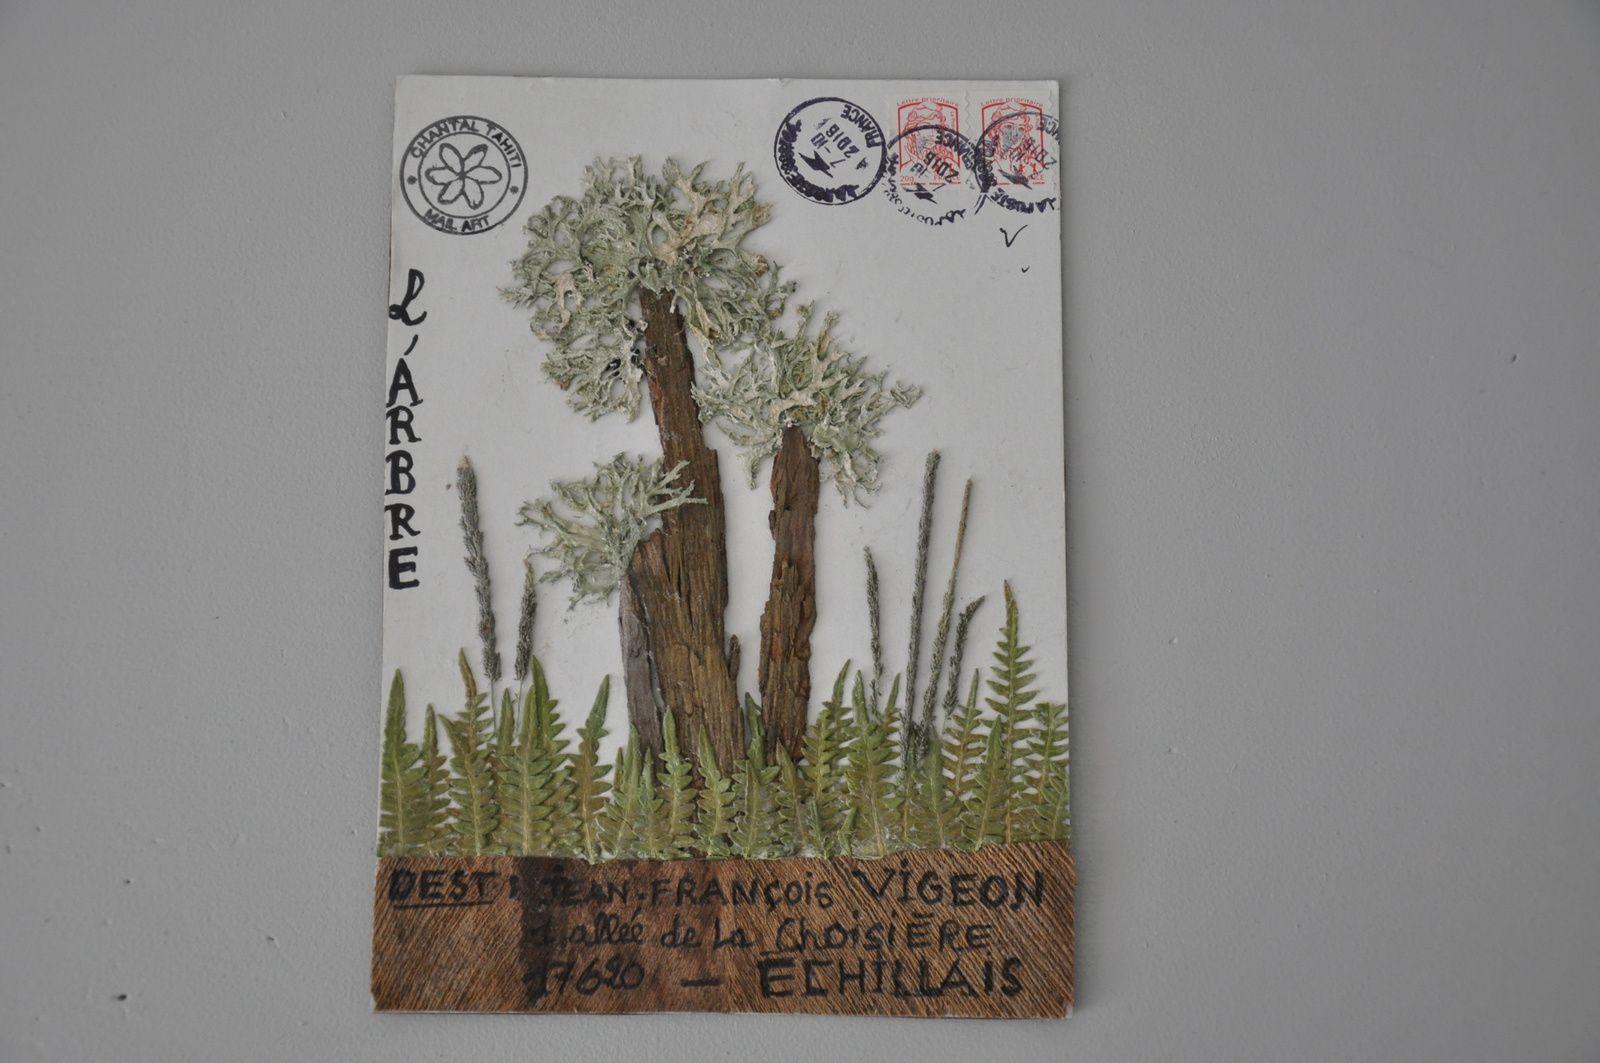 Merci à Chantal Casamayor de Planta pour ce beau Mail-Art végétal sur le thème de l'arbre.